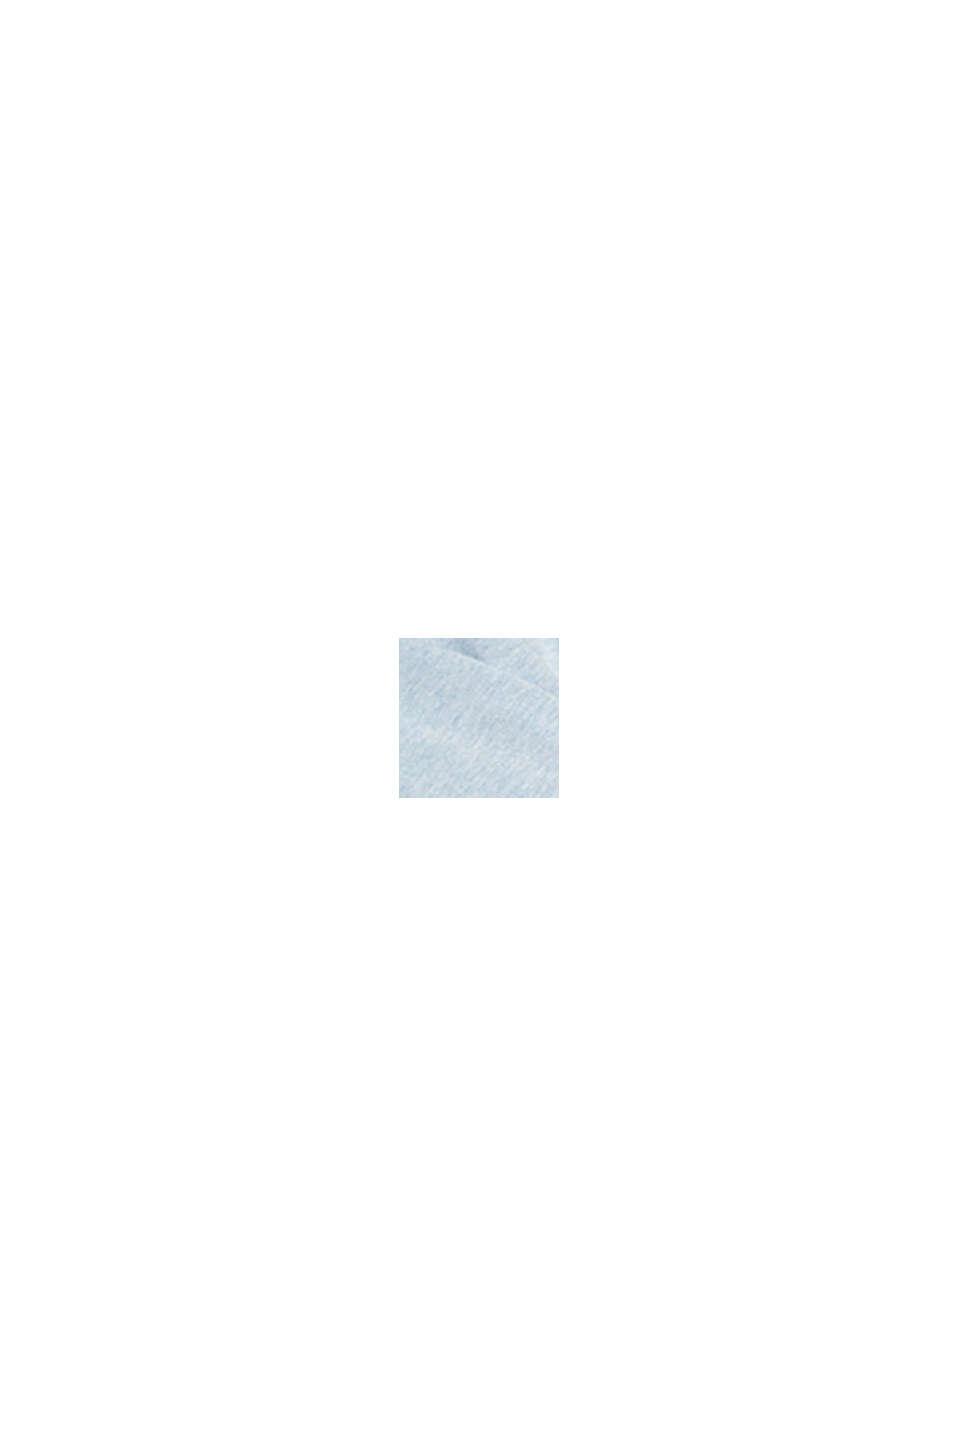 Pulovr se špičatým výstřihem, z bio bavlny, LIGHT BLUE LAVENDER, swatch